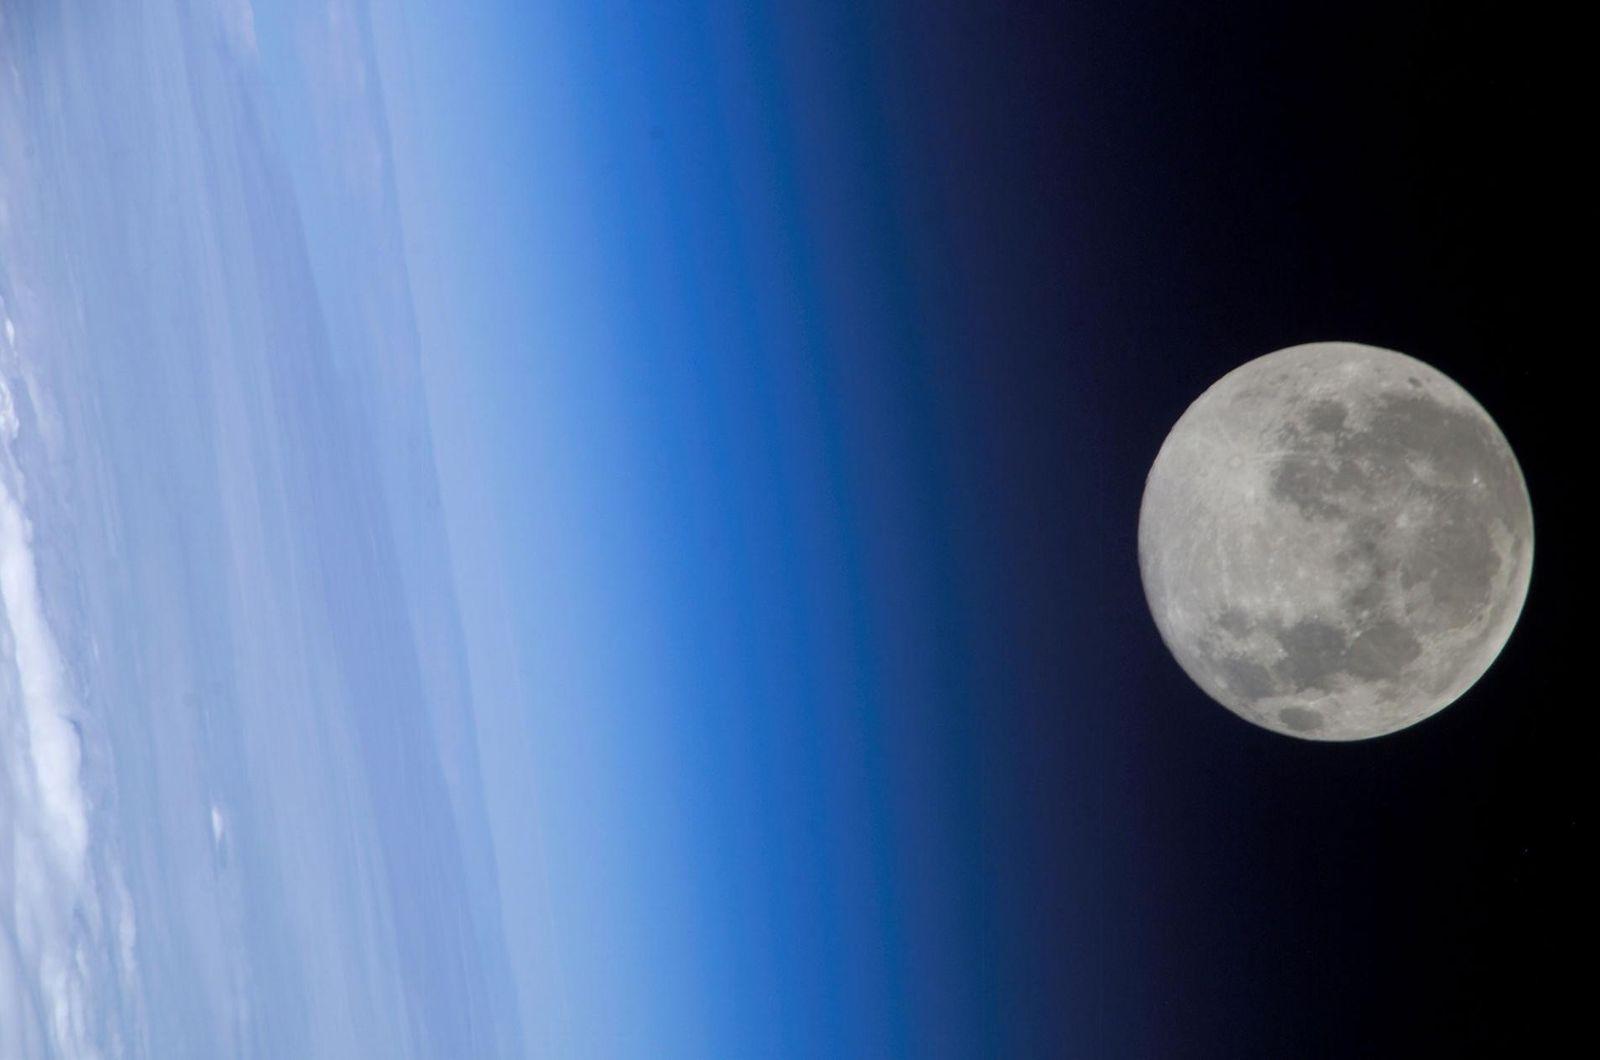 La Lune est électrique, surtout quand elle est pleine